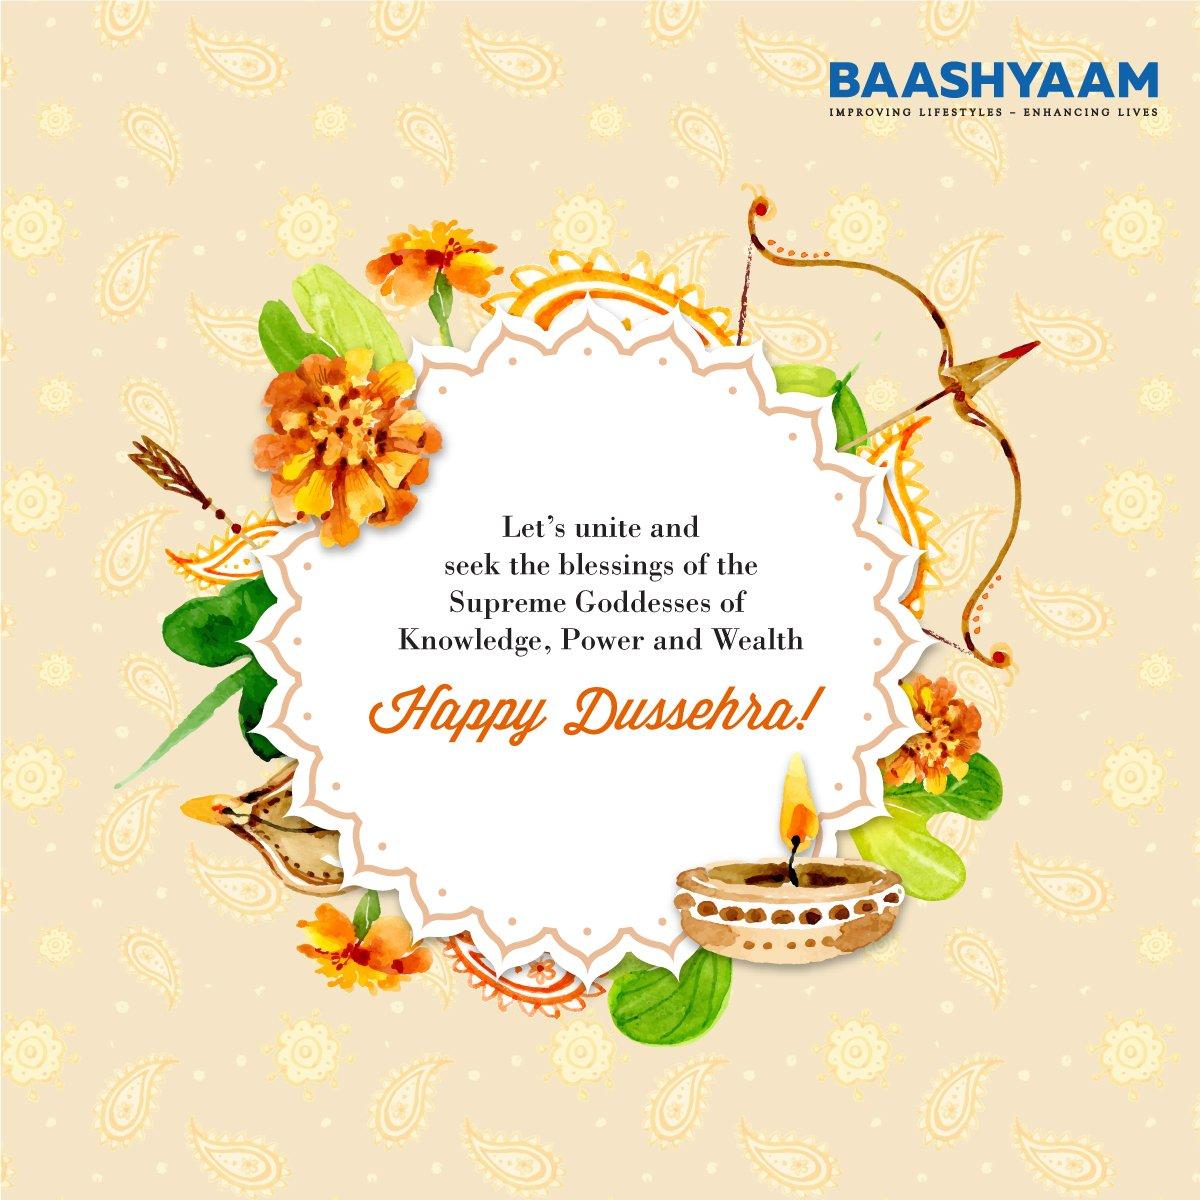 Baashyaam Group On Twitter Baashyaams Pinnaclecrest In Omr